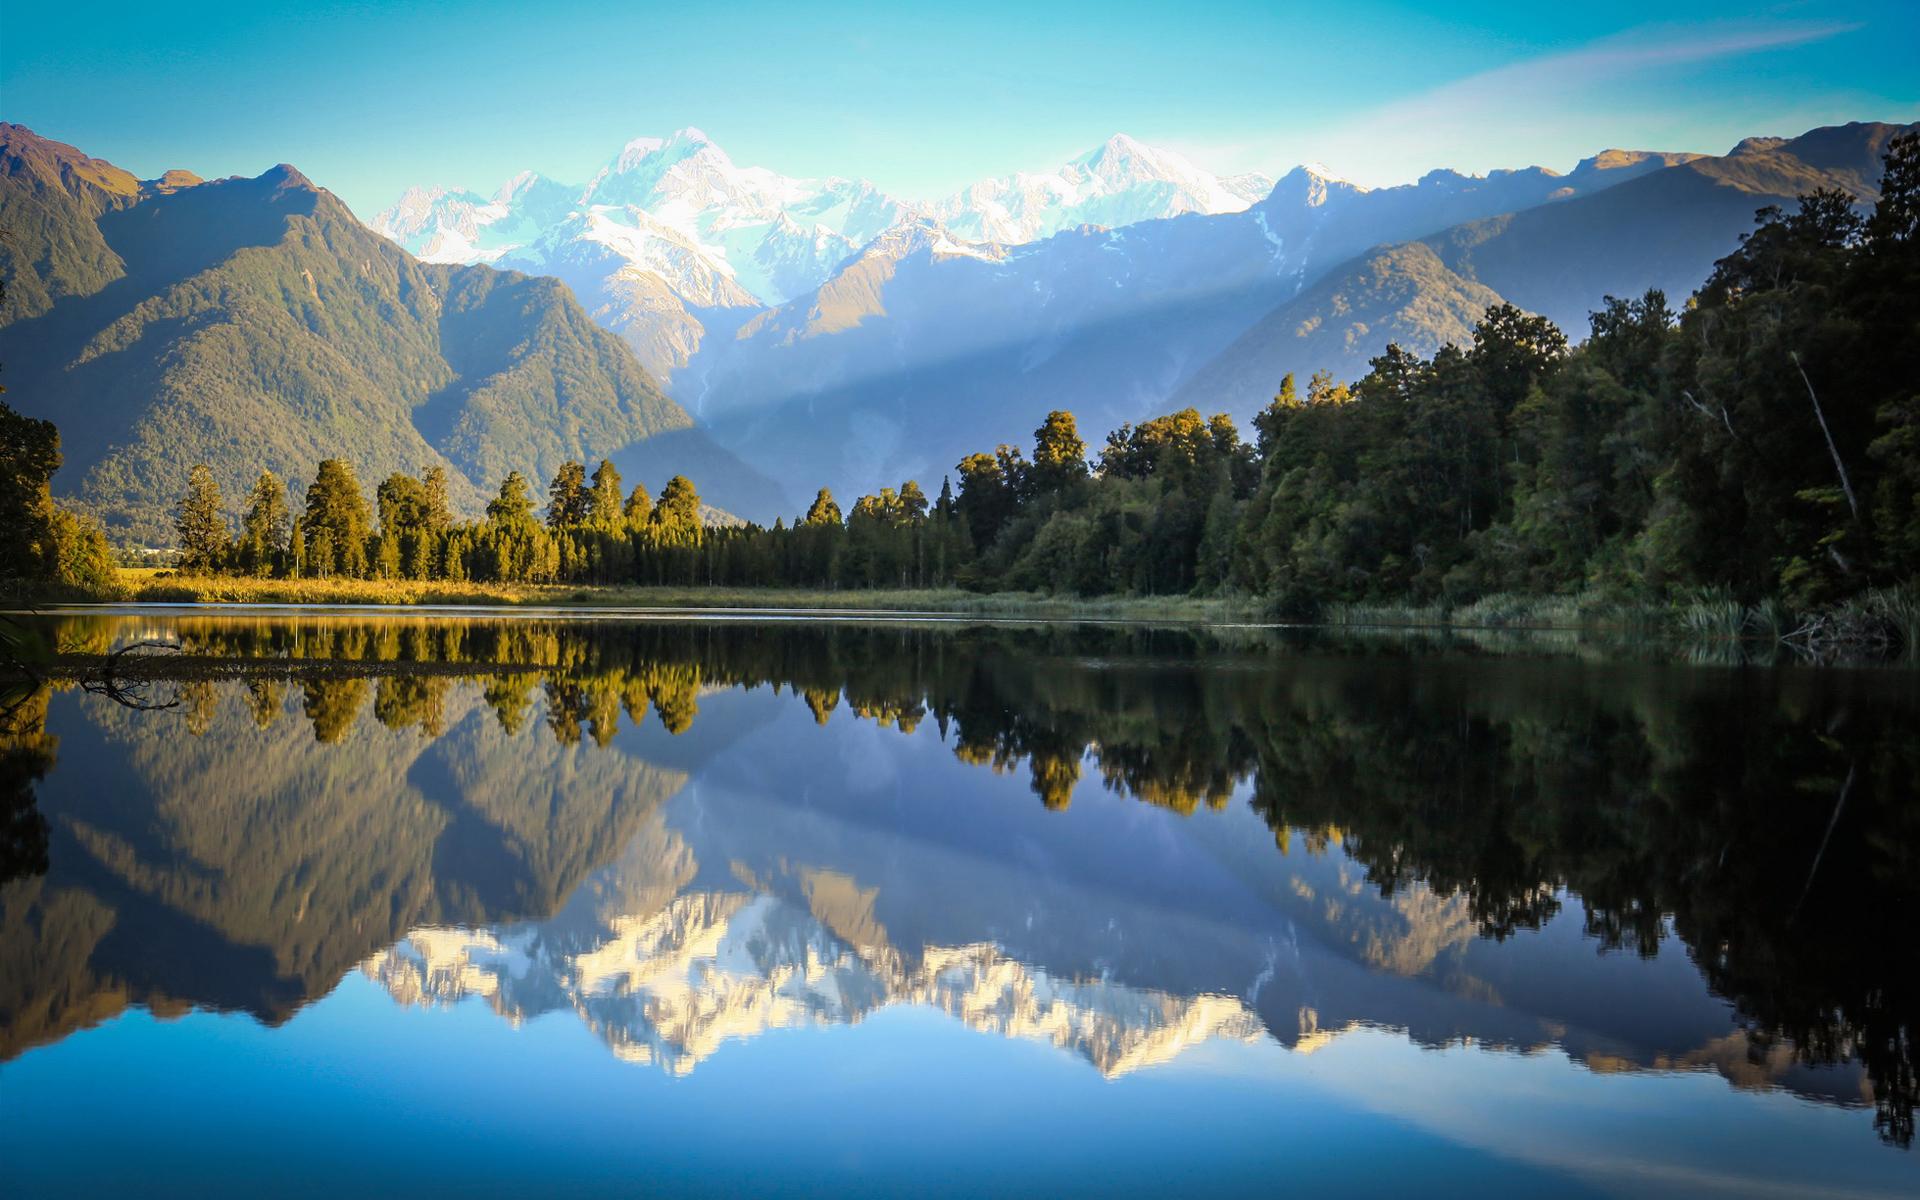 New Zealand Lake Matheson Reflections HD Wallpapers 1920x1200